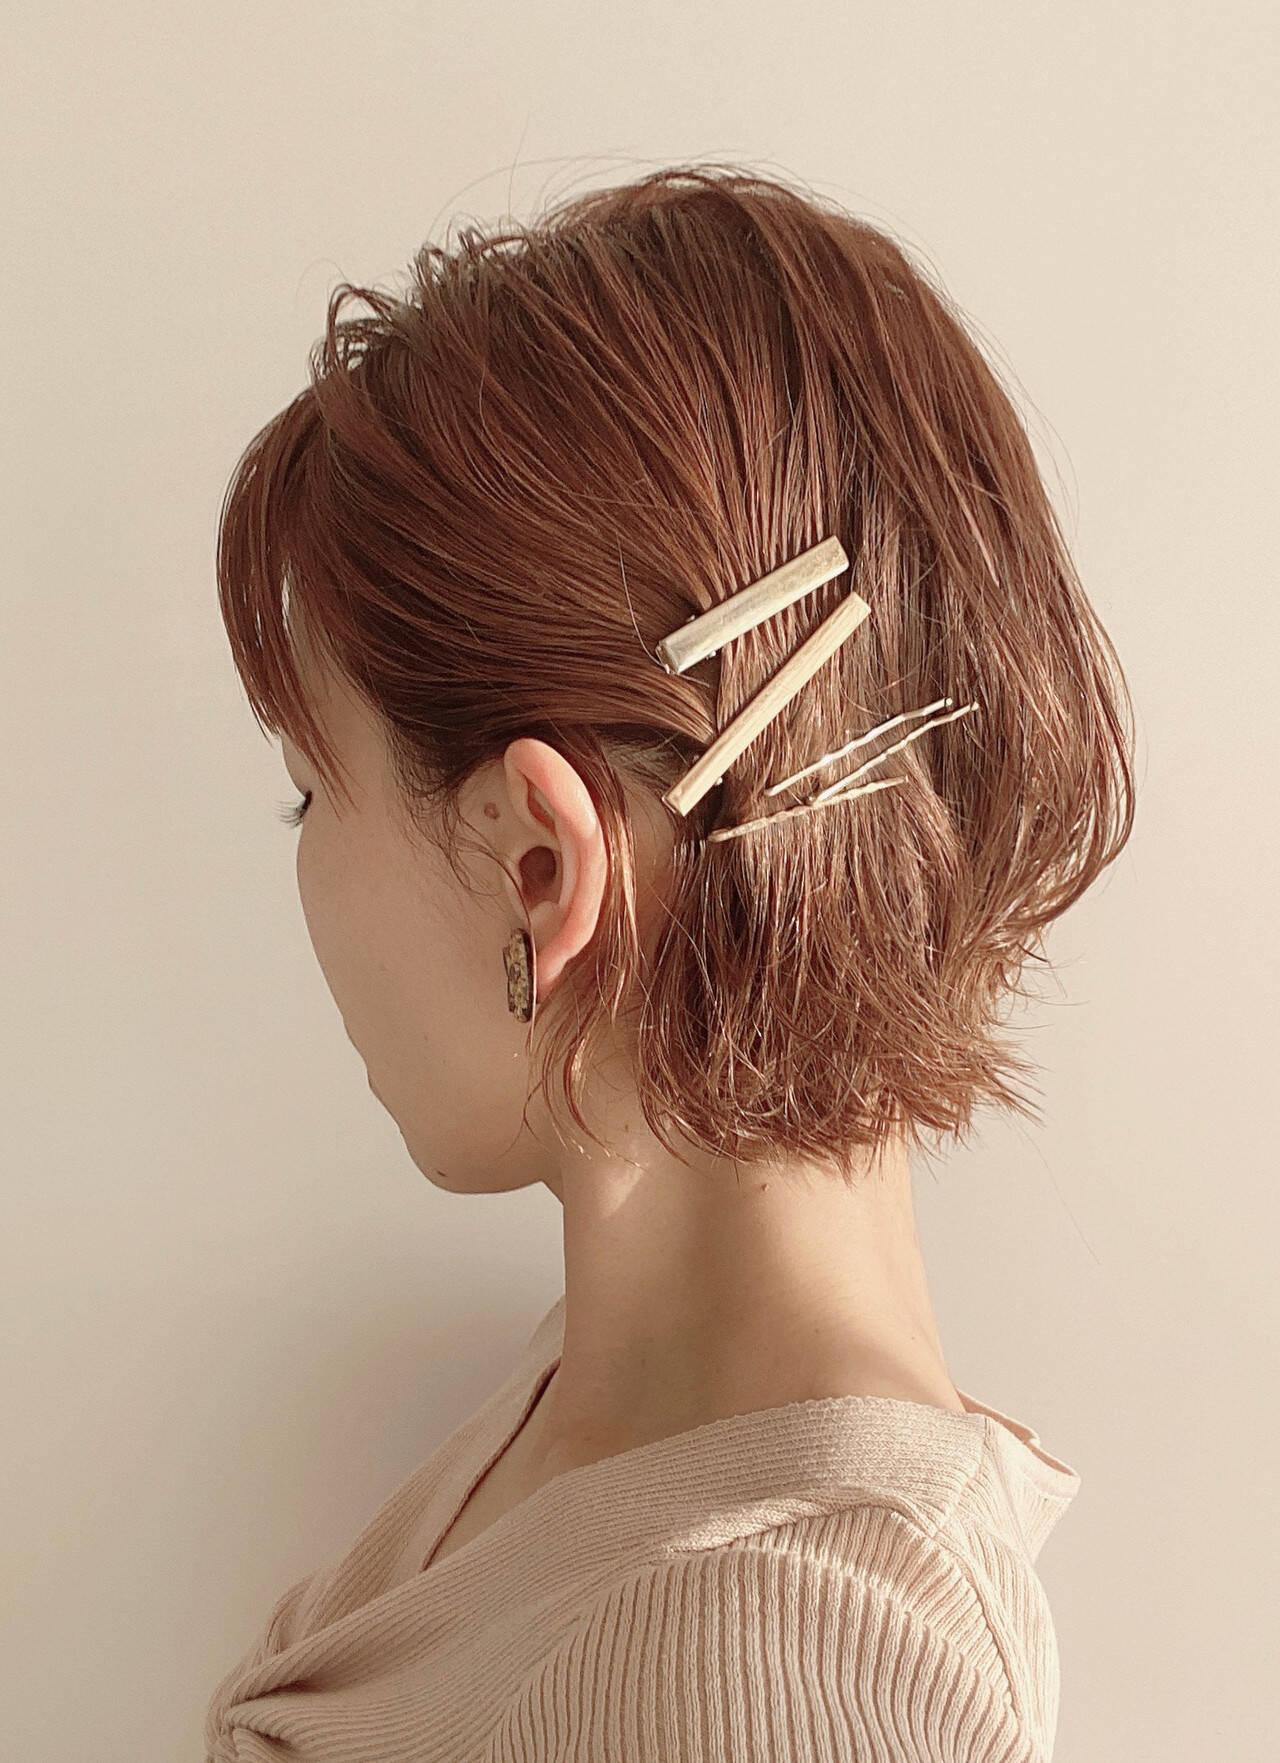 ミニボブ 切りっぱなしボブ ボブ ナチュラルヘアスタイルや髪型の写真・画像